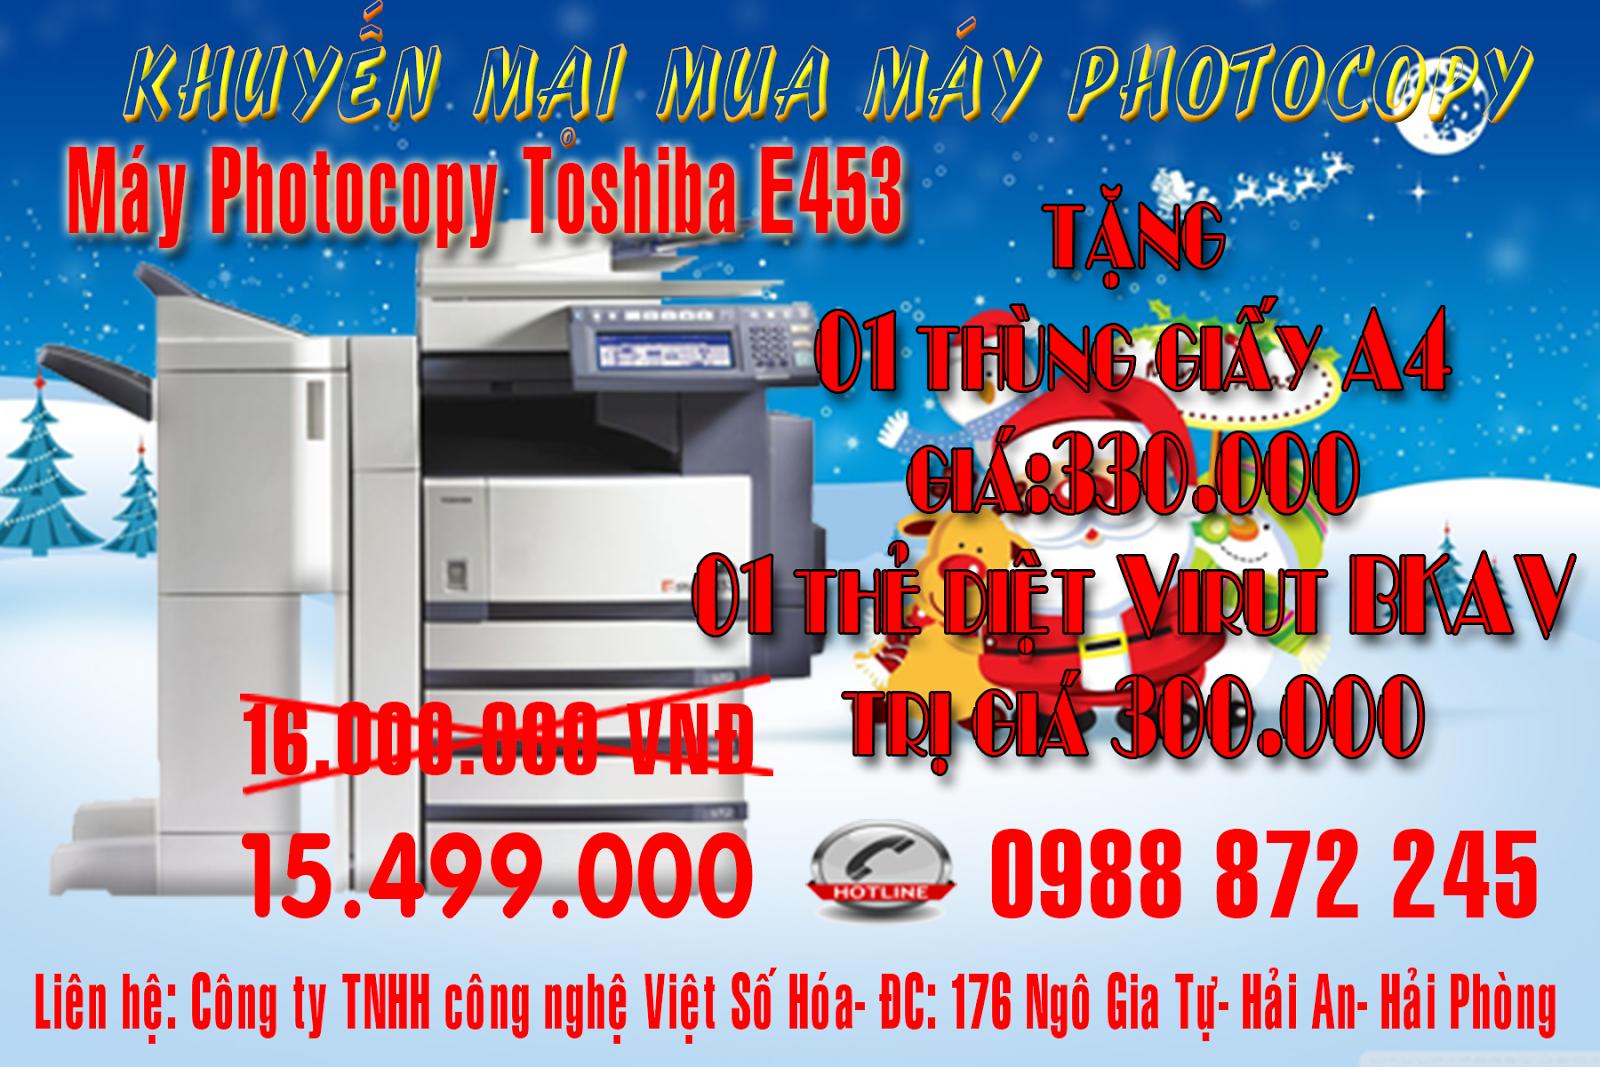 Khuyến mại mua máy photocopy tại Hải Phòng